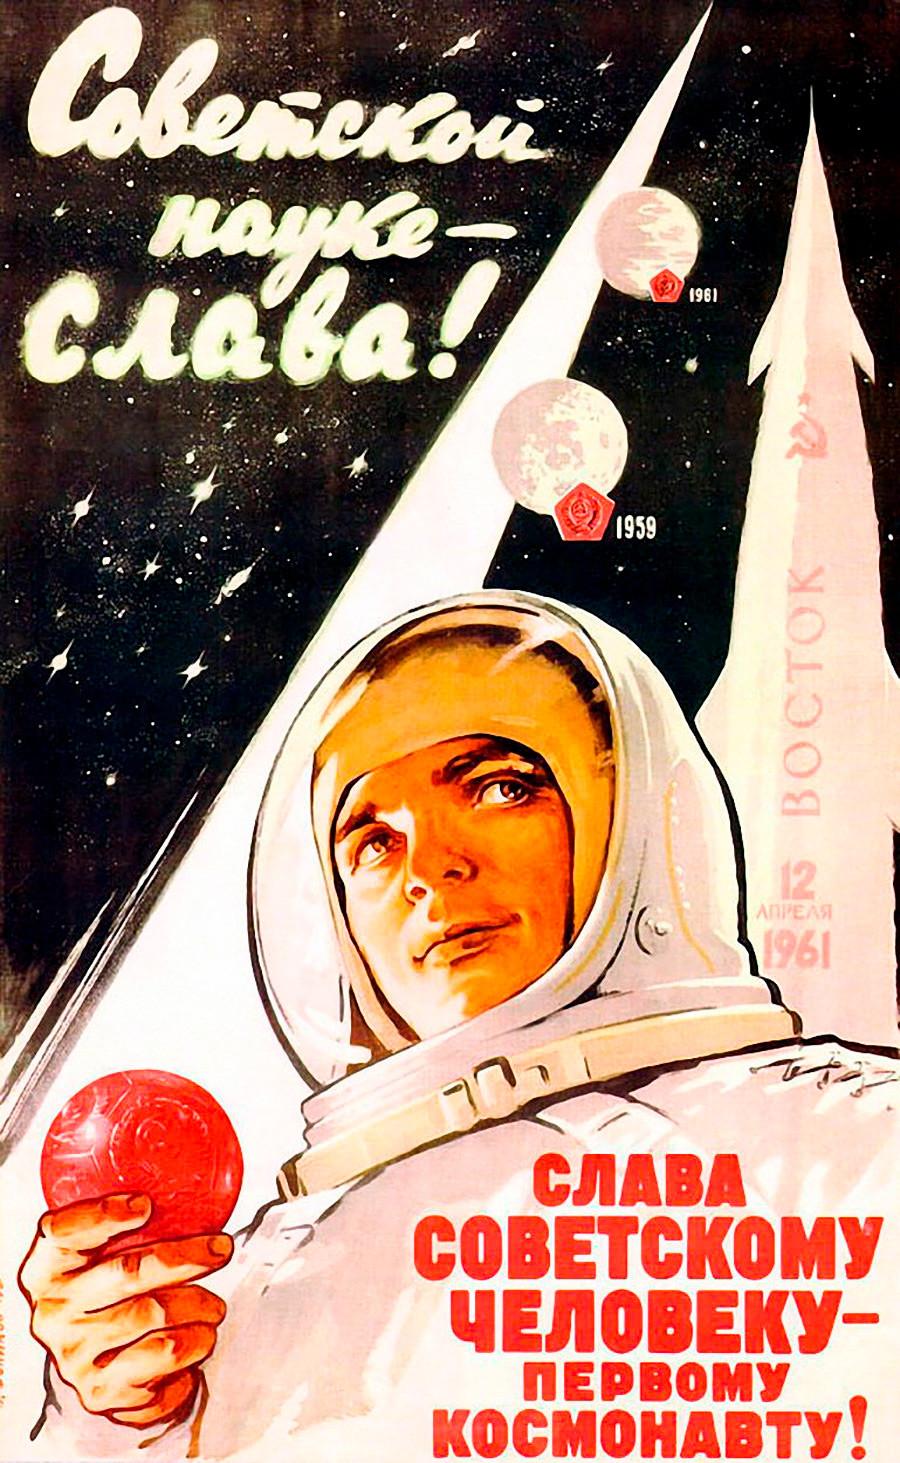 «Gloire à la science soviétique! Gloire à l'homme soviétique, le premier cosmonaute!»